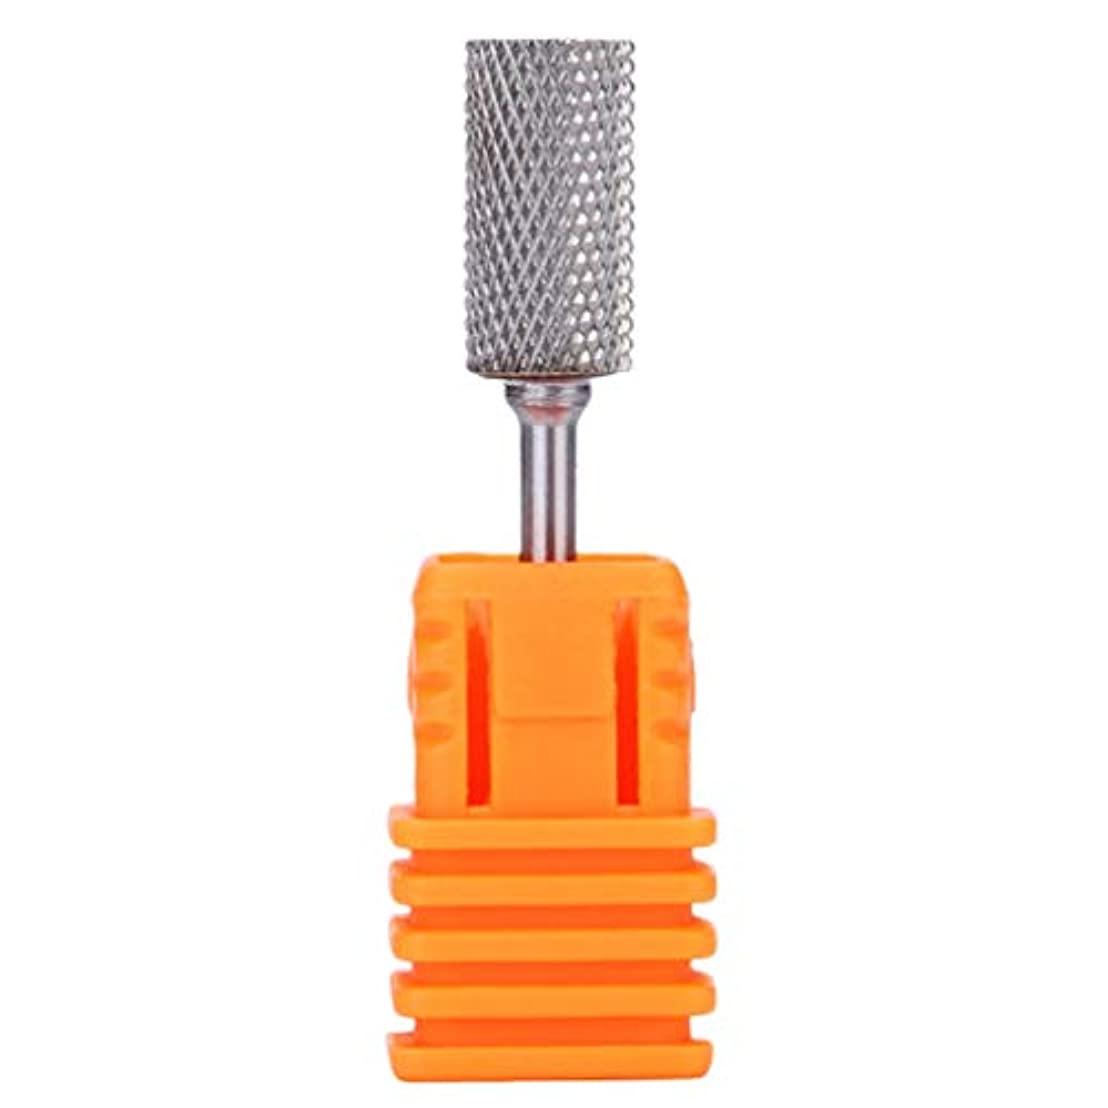 ディスパッチアスリート安全なMinkissy ネイルドリルビットセットタングステン鋼ネイルドリルビットマニキュアマニキュア用ネイルポリッシュチップネイルアートツール(m)